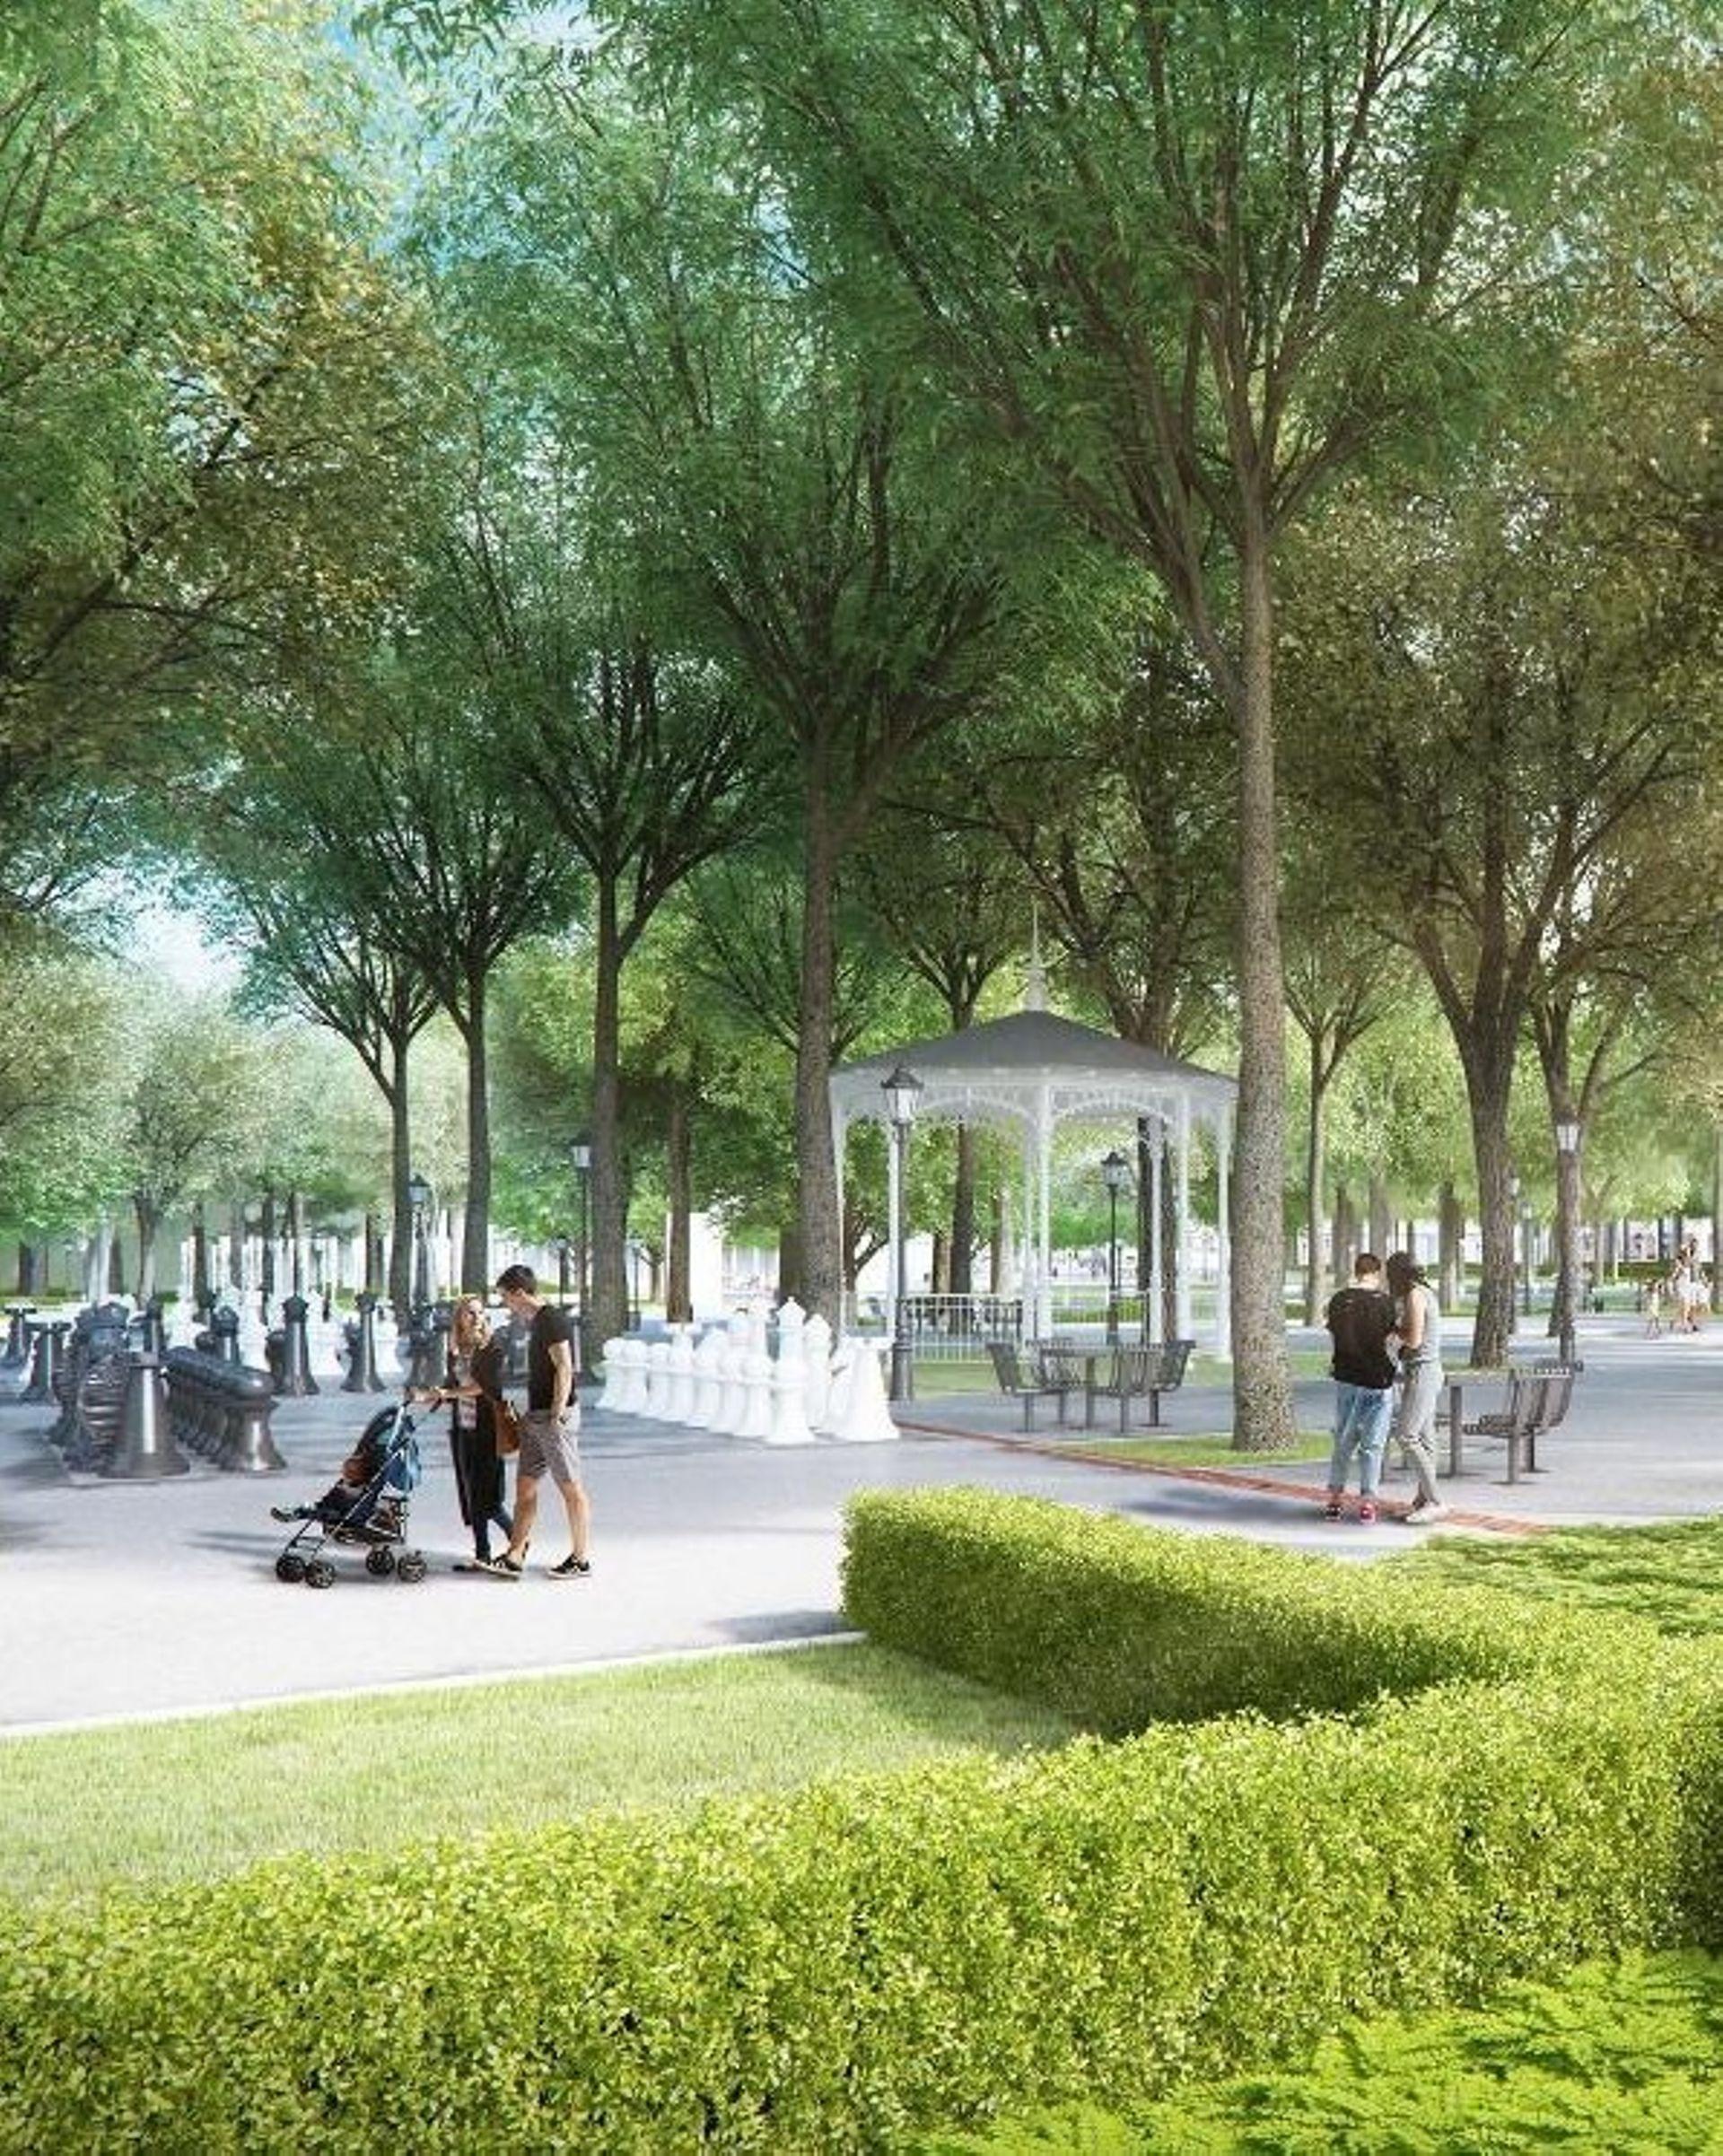 Łódź: Park Staromiejski oraz dawny Rynek zyskają nowy wygląd